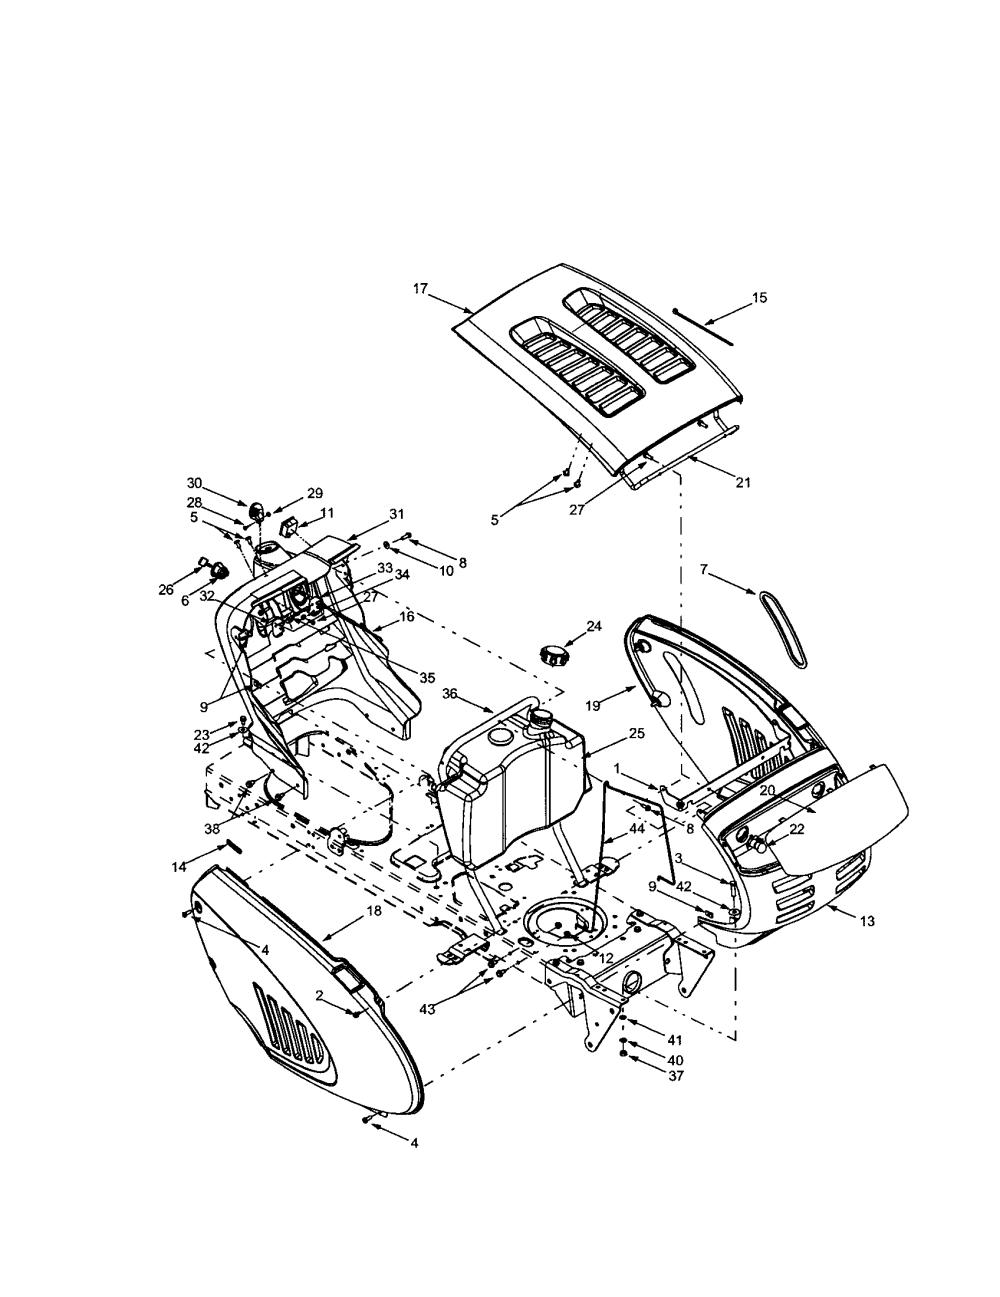 medium resolution of troy bilt mower wiring diagram detailed schematics diagram rh jppastryarts com troy bilt xp zero turn wiring diagram troy bilt xp zero turn wiring diagram